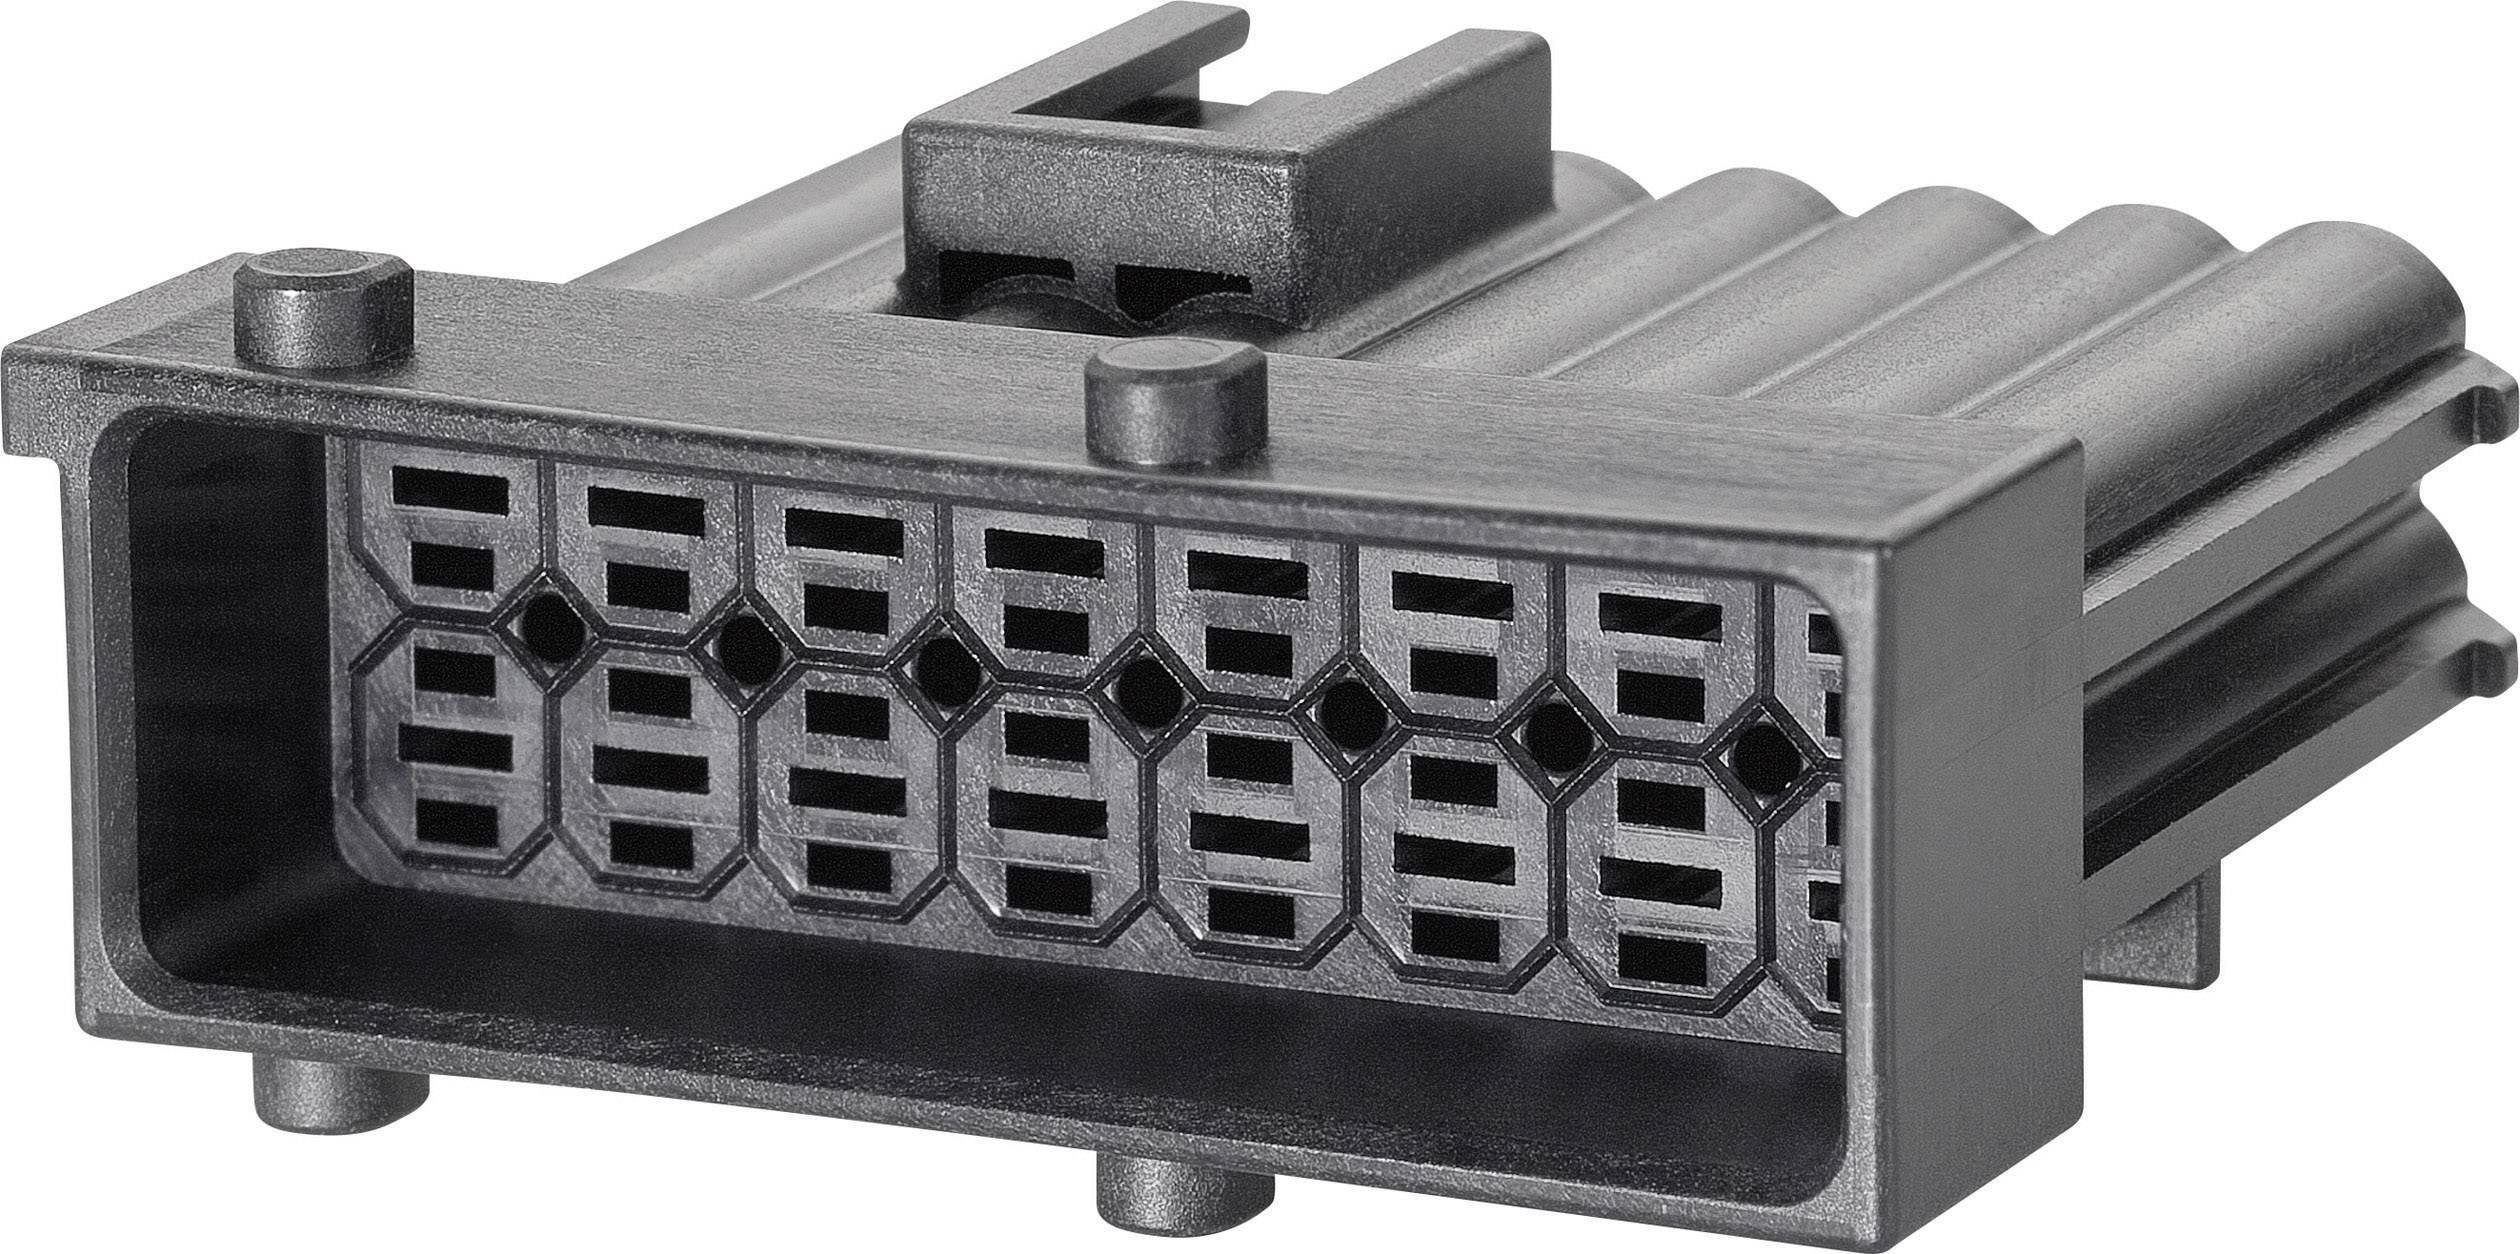 Zástrčkový konektor na kábel TE Connectivity J-P-T 1-965423-1, 38 mm, pólů 10, rozteč 5 mm, 1 ks